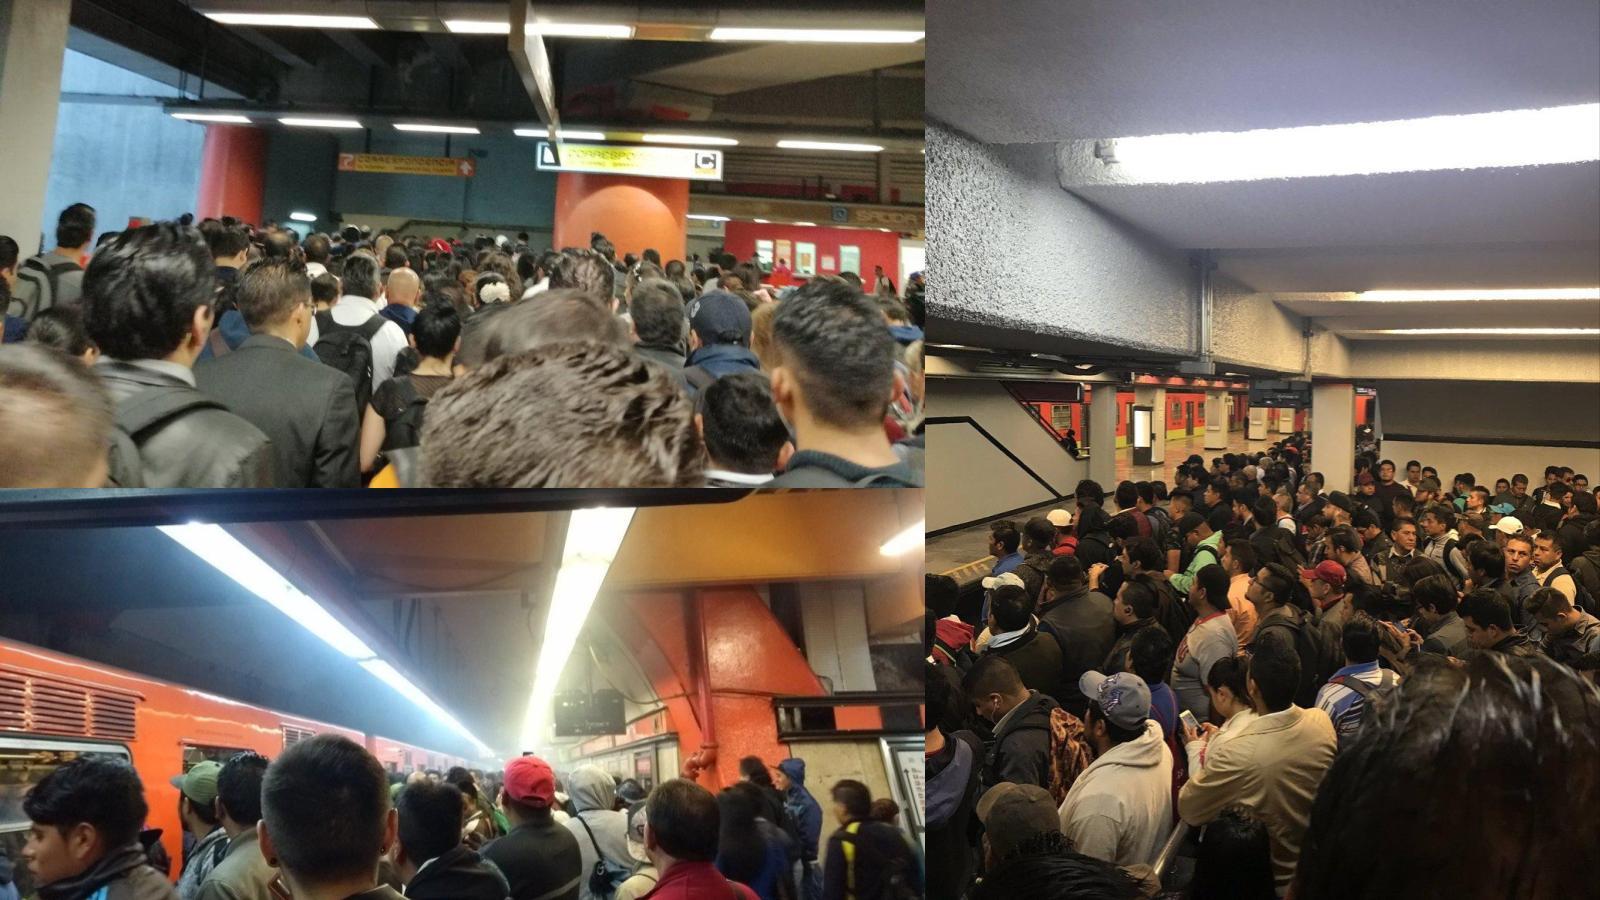 ¿Qué pasó en el metro esta mañana?